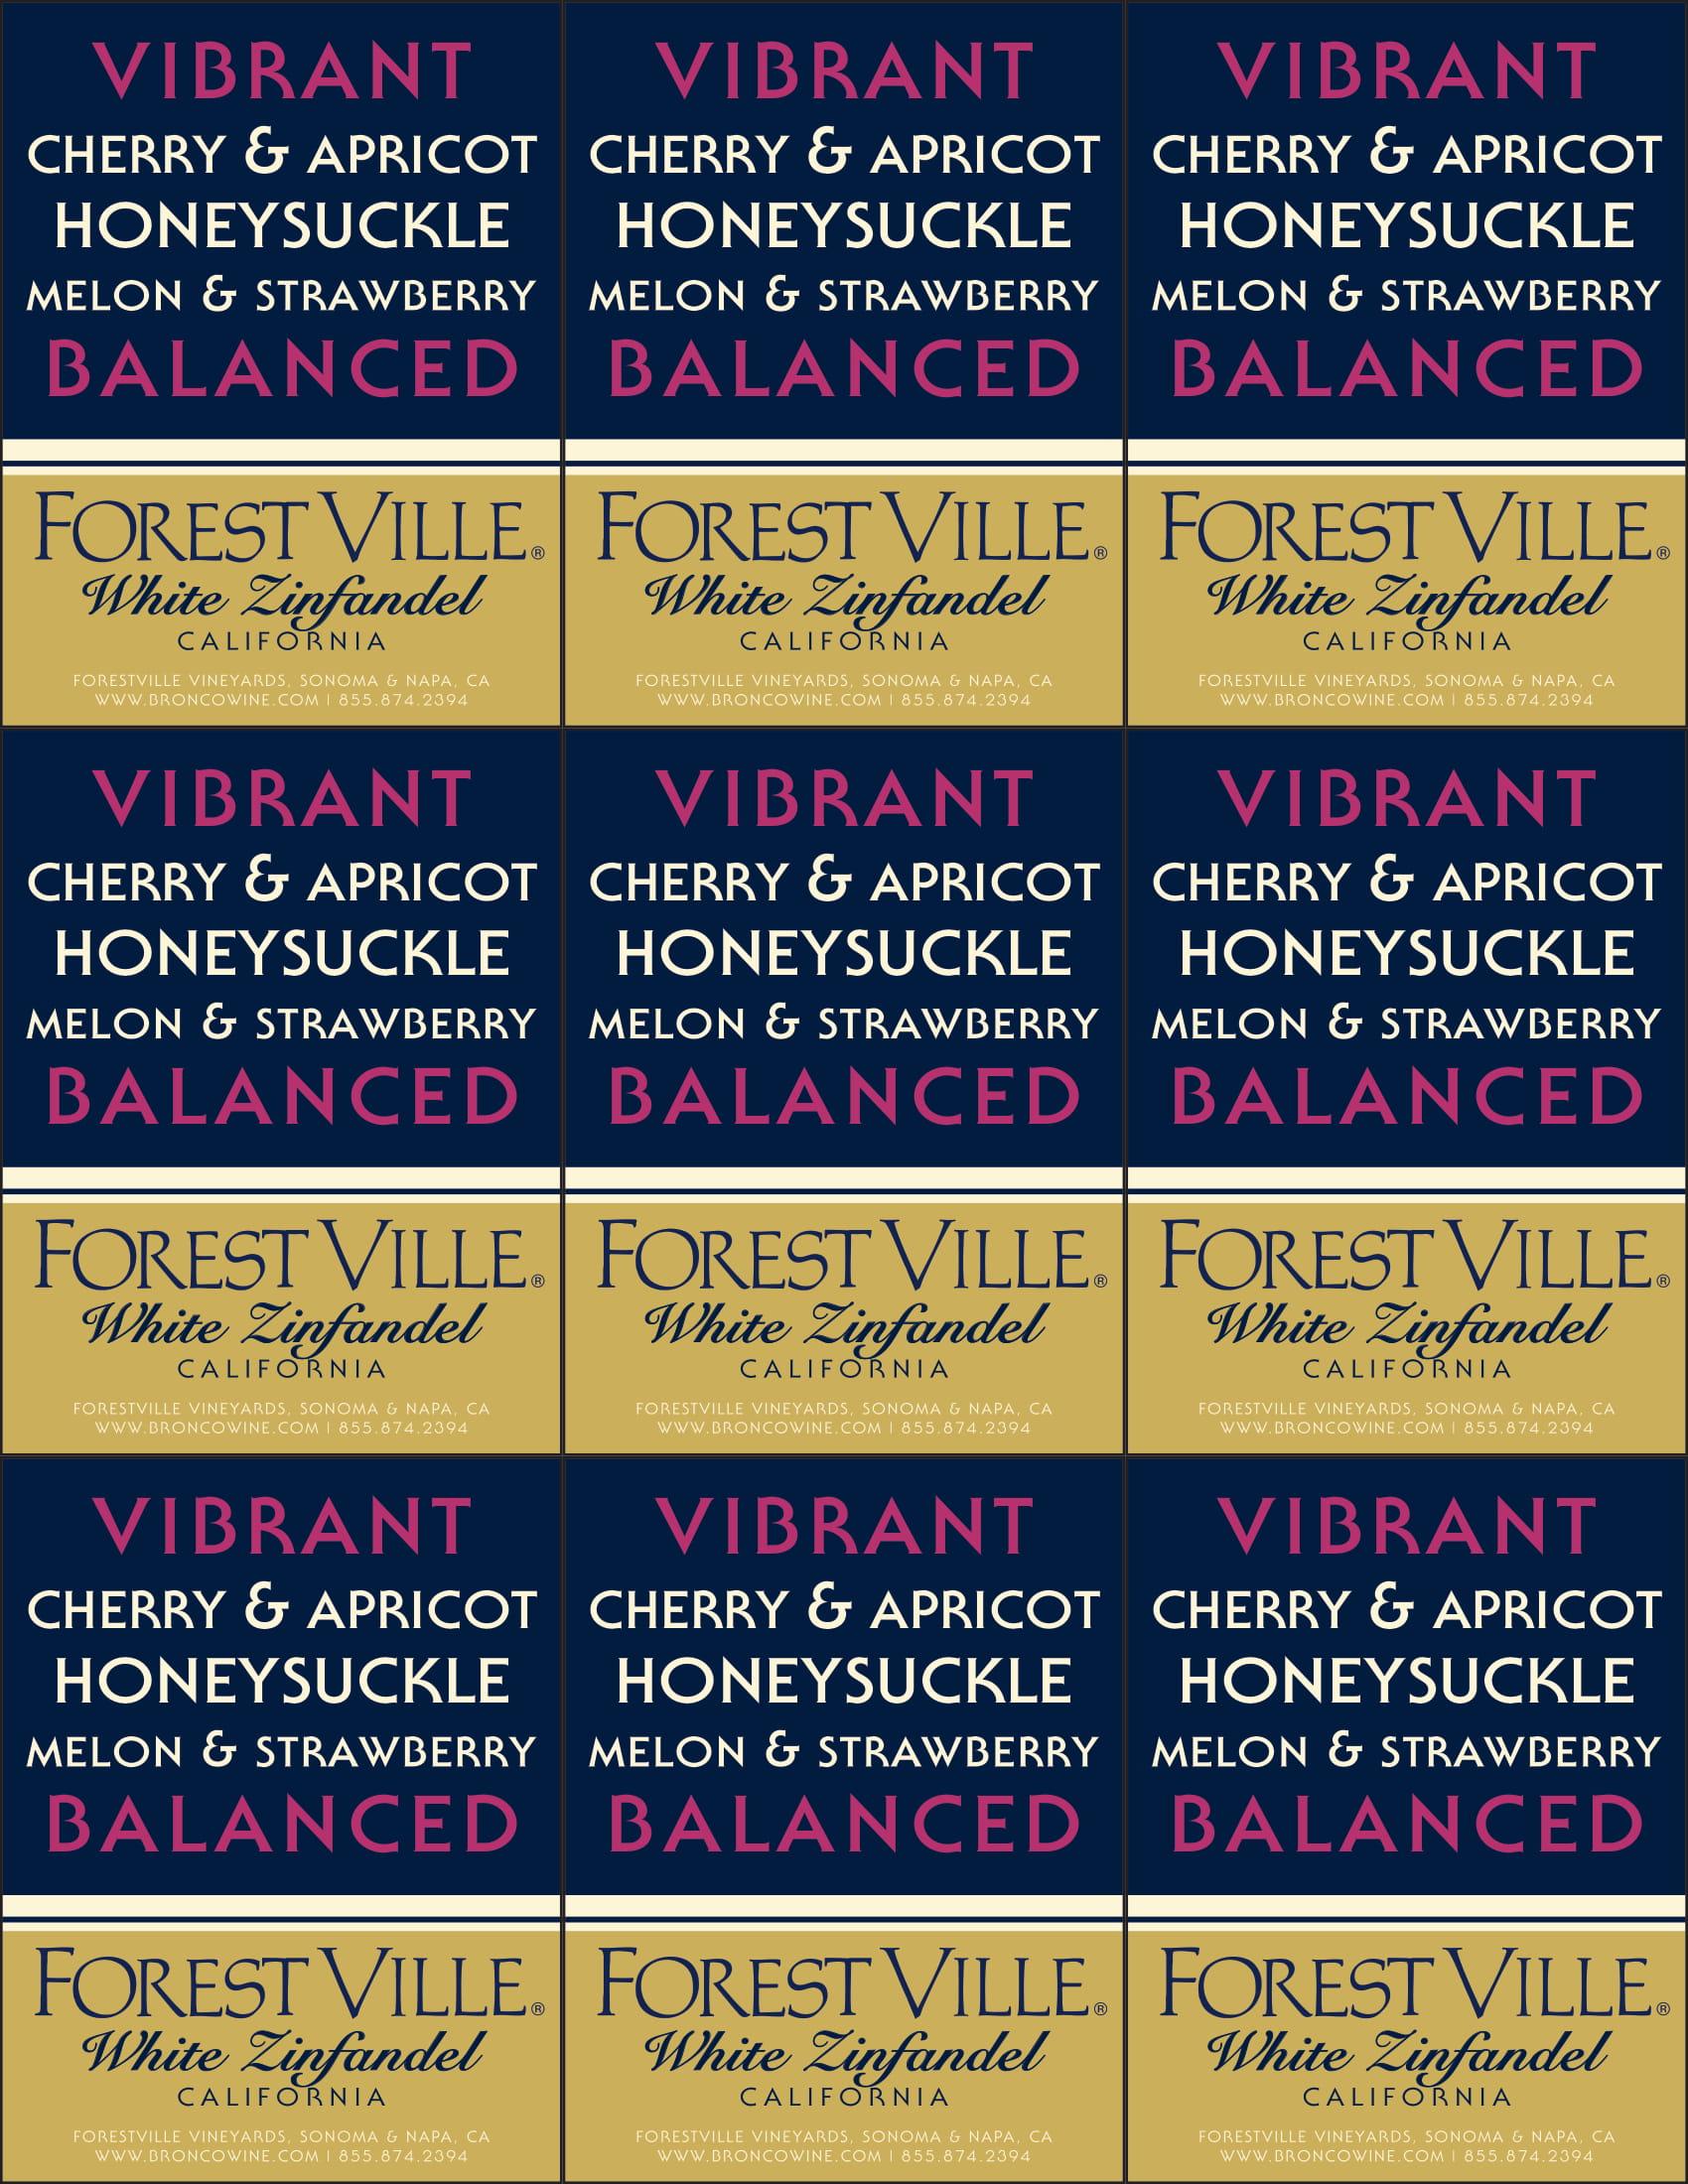 Forest Ville White Zinfandel Shelf Talker